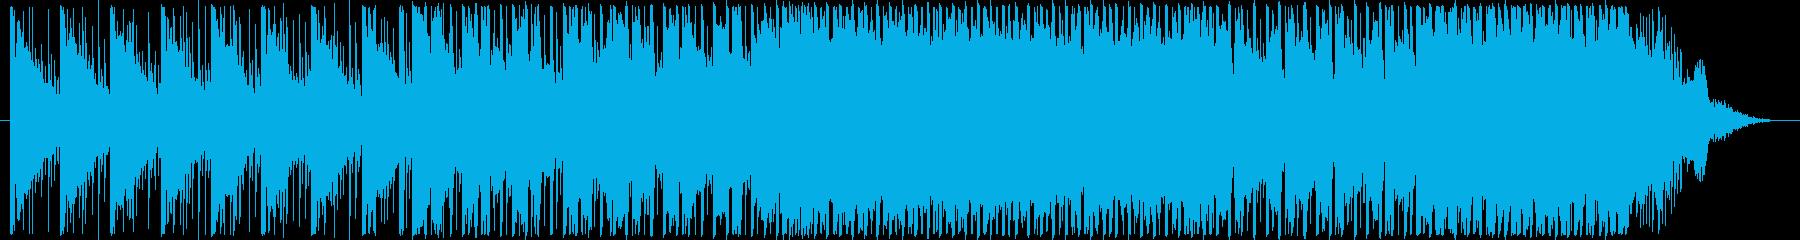 ピコピコ・シンプルシンセコードBGMの再生済みの波形